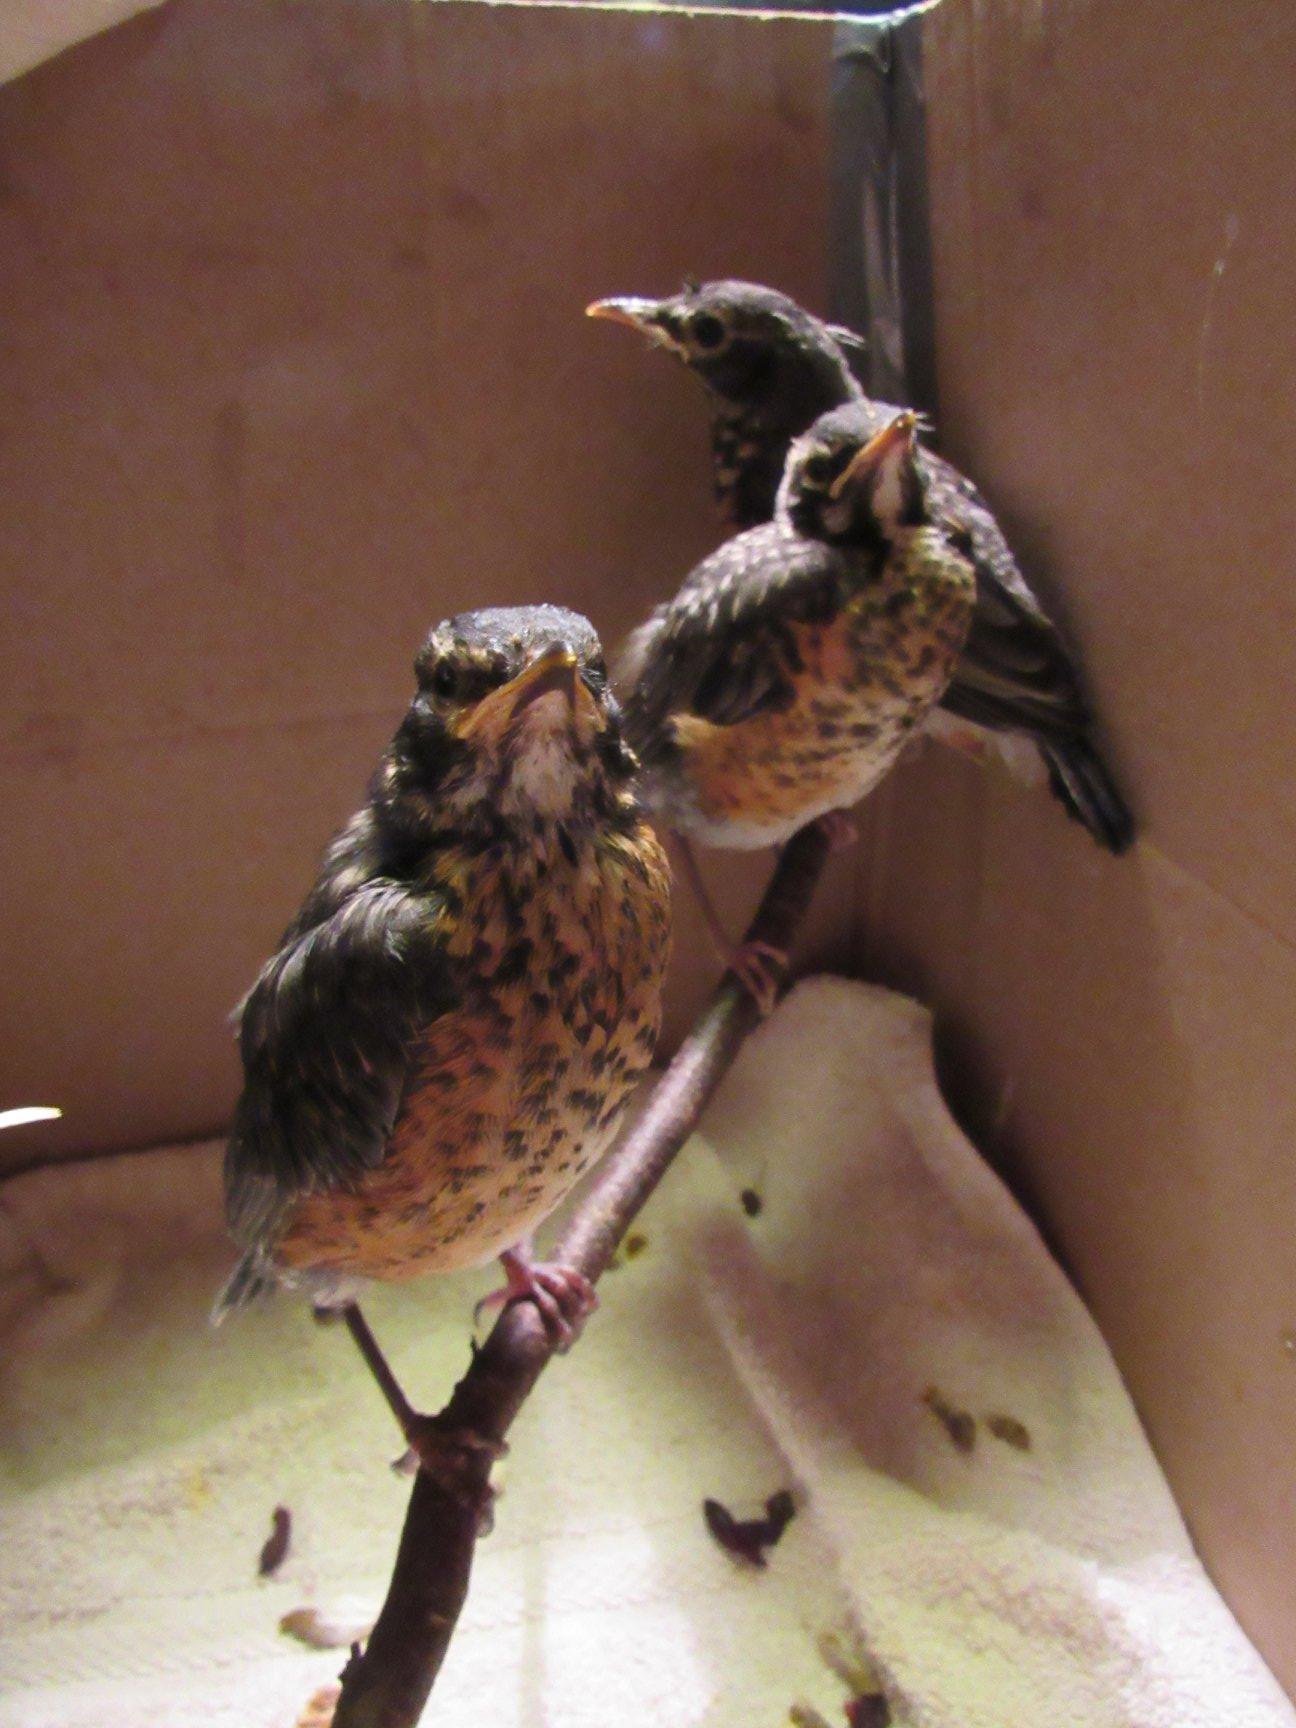 More Robin fledglings.